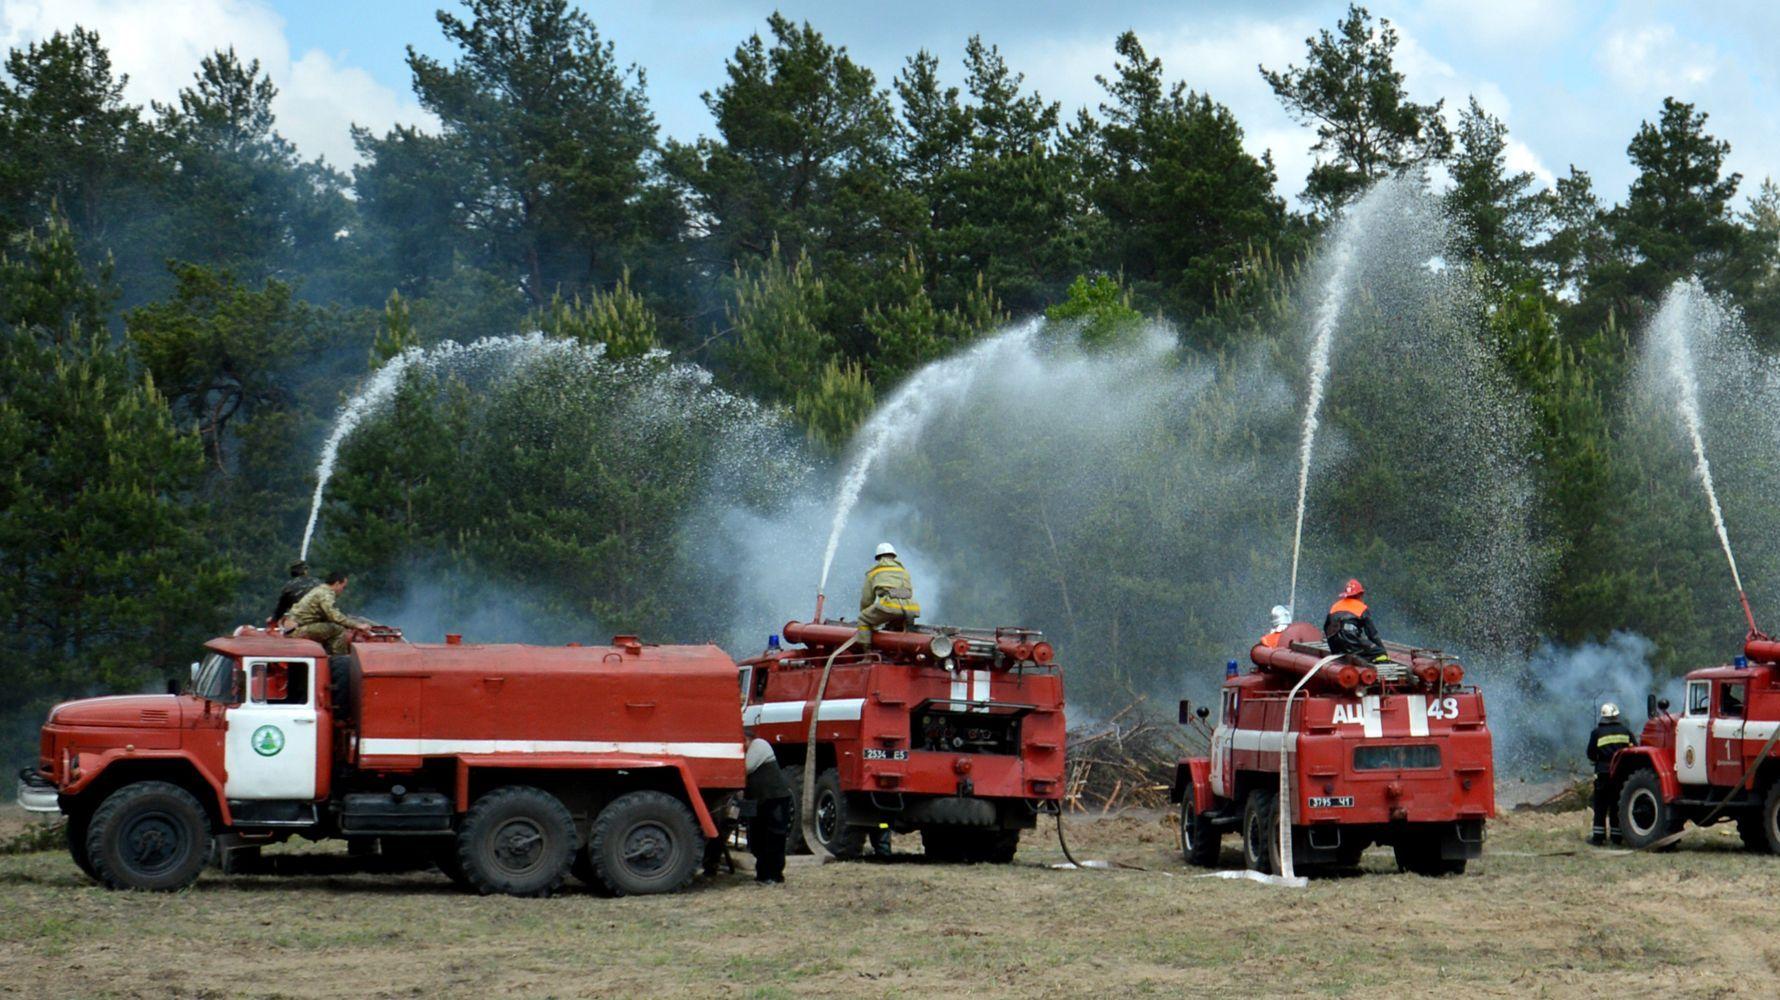 Госслужба по чрезвычайным ситуациям в Днепропетровской области Украины